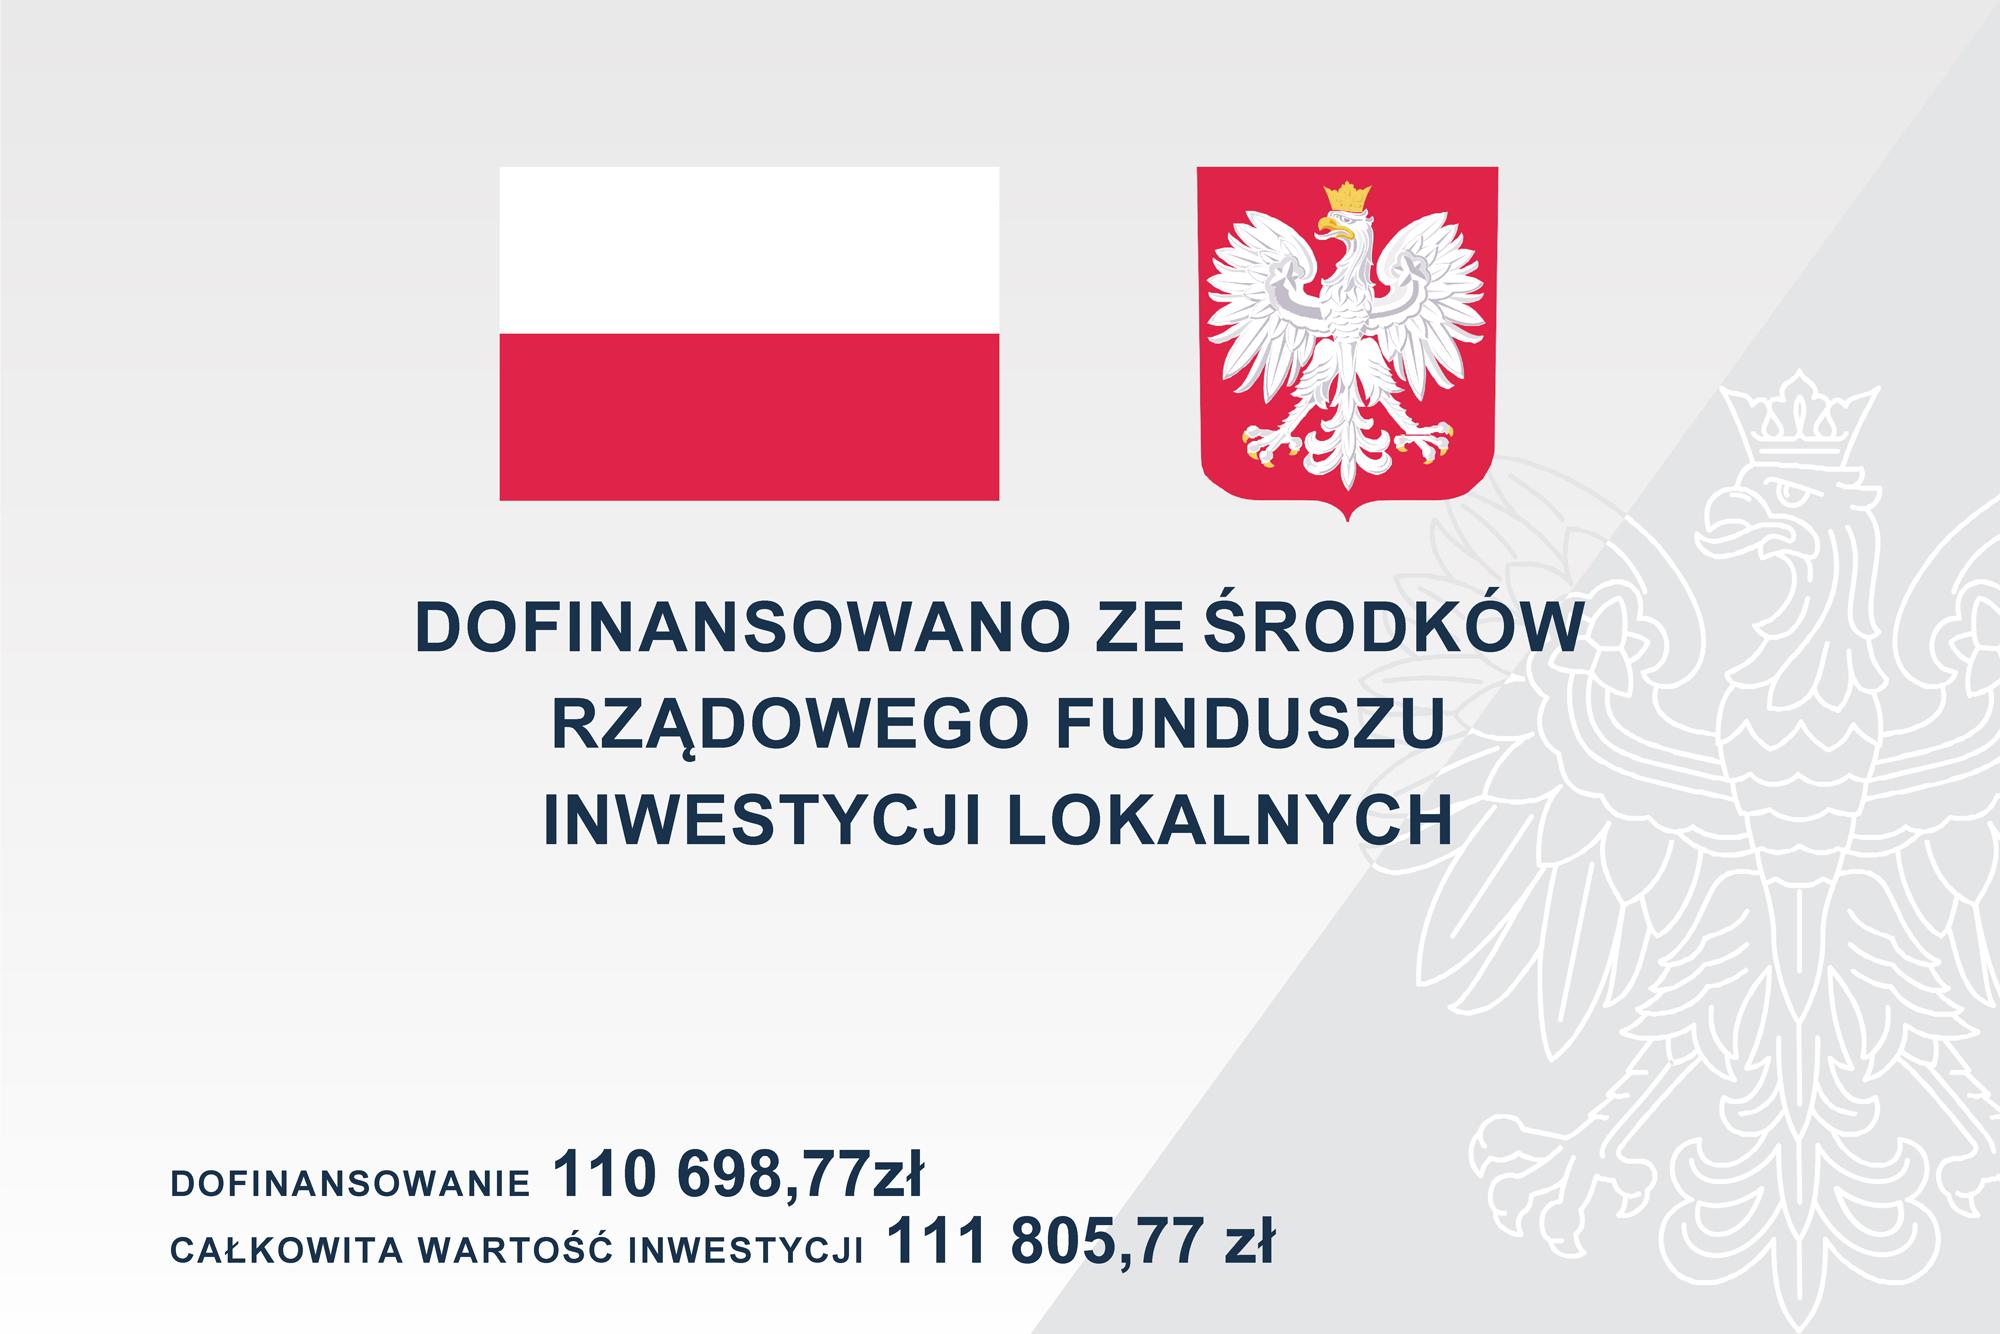 W ramach Rządowego Funduszu Inwestycji Lokalnych Gmina Piaseczno otrzymała dofinansowanie